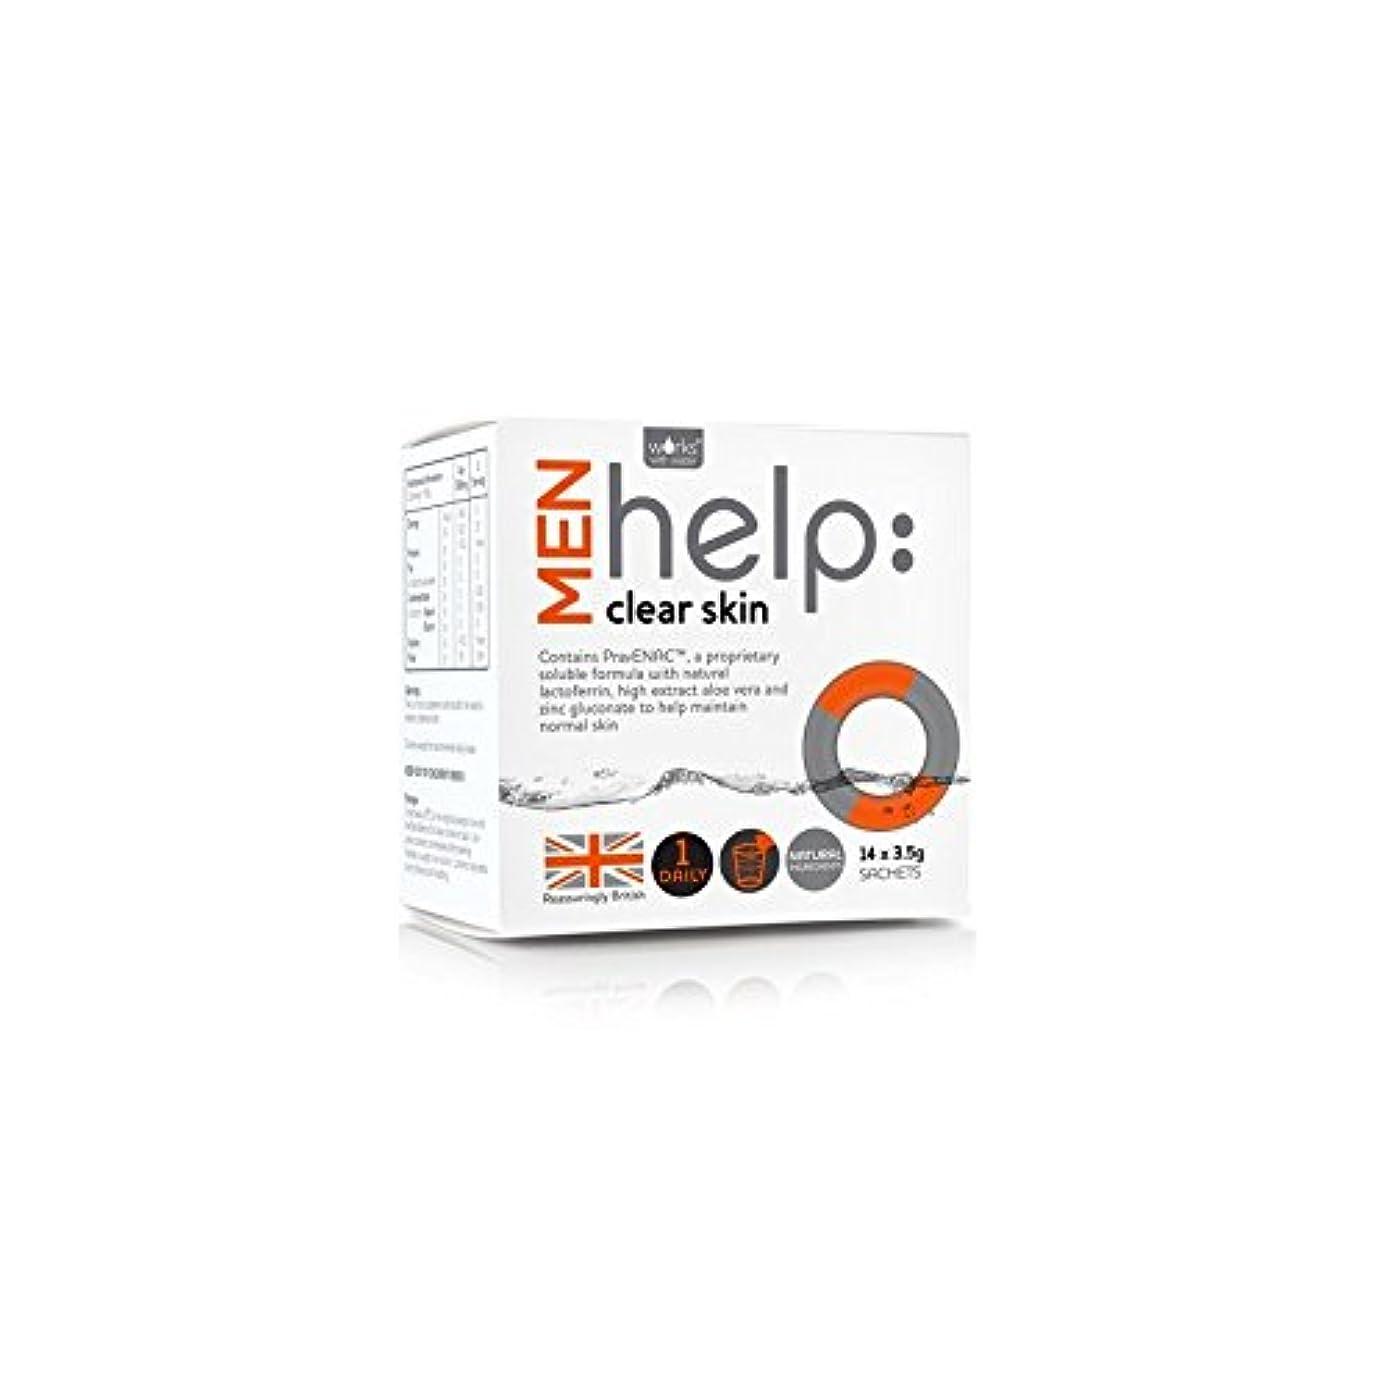 アルカイック施しポルトガル語クリアな肌可溶性サプリメント(14 3.5グラム):水男性の助けを借りて動作します x4 - Works With Water Men's Help: Clear Skin Soluble Supplement (14...